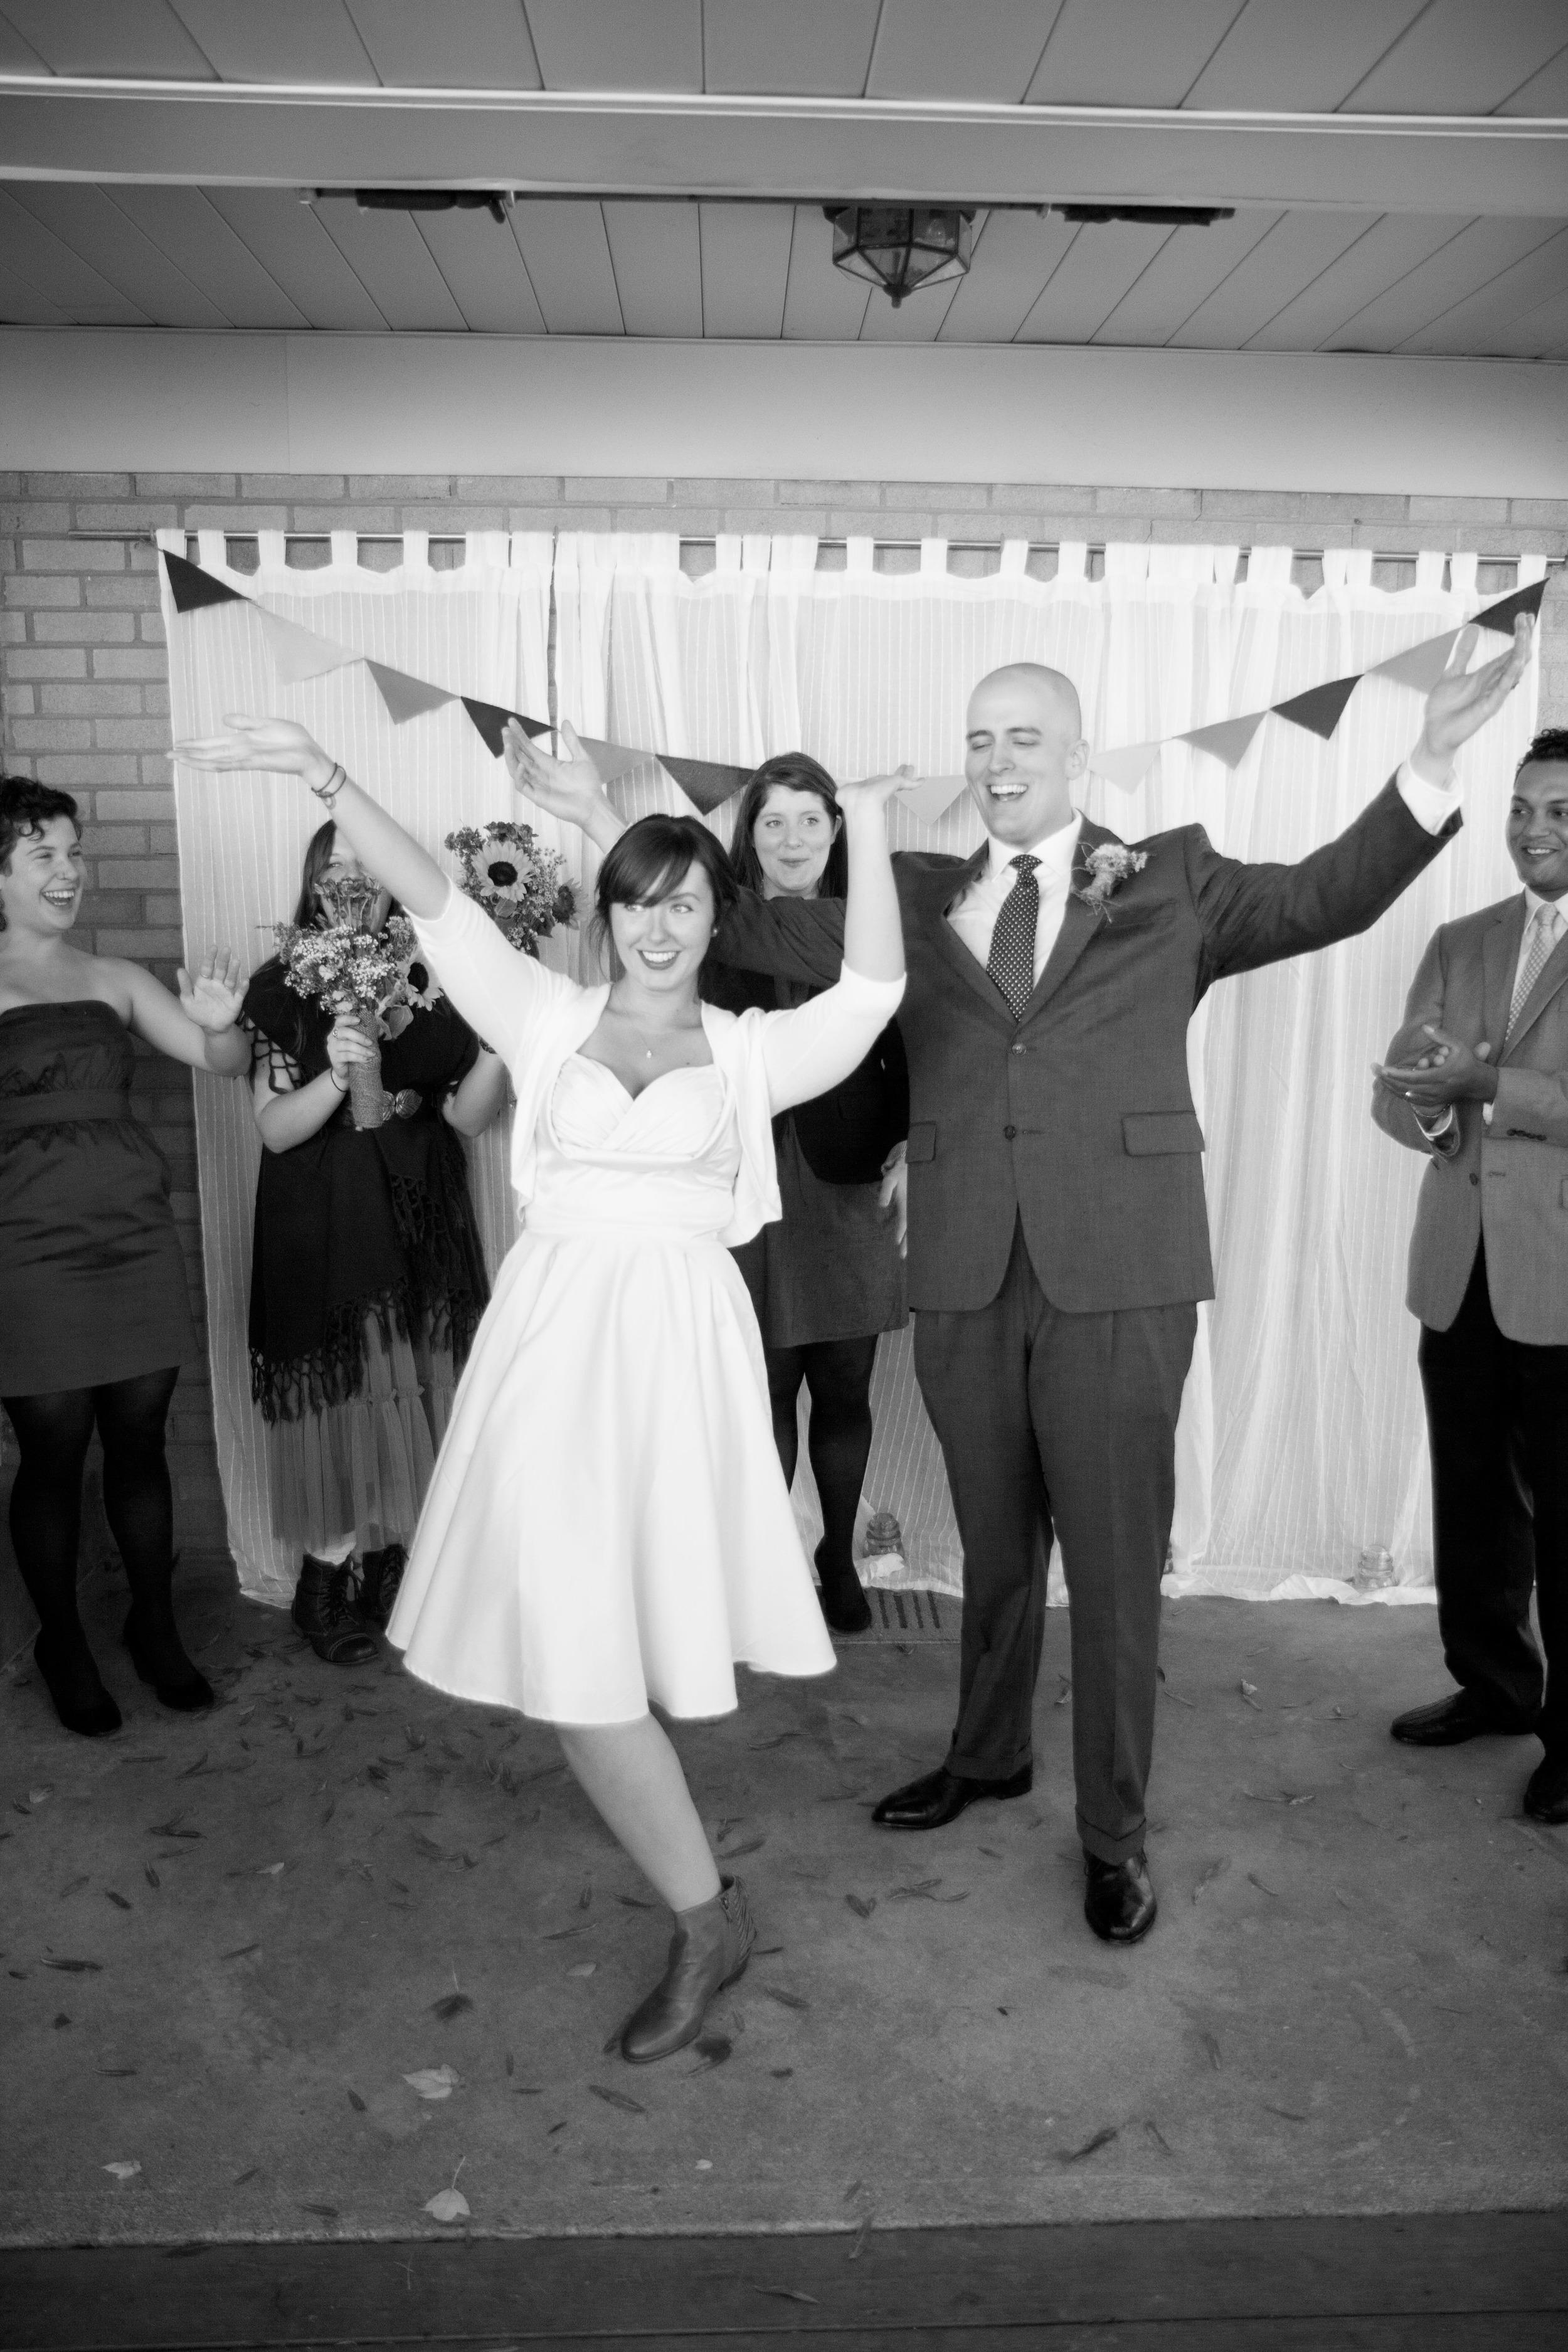 Wilson Bickel Wedding - Selected Black & White (3 of 4).jpg